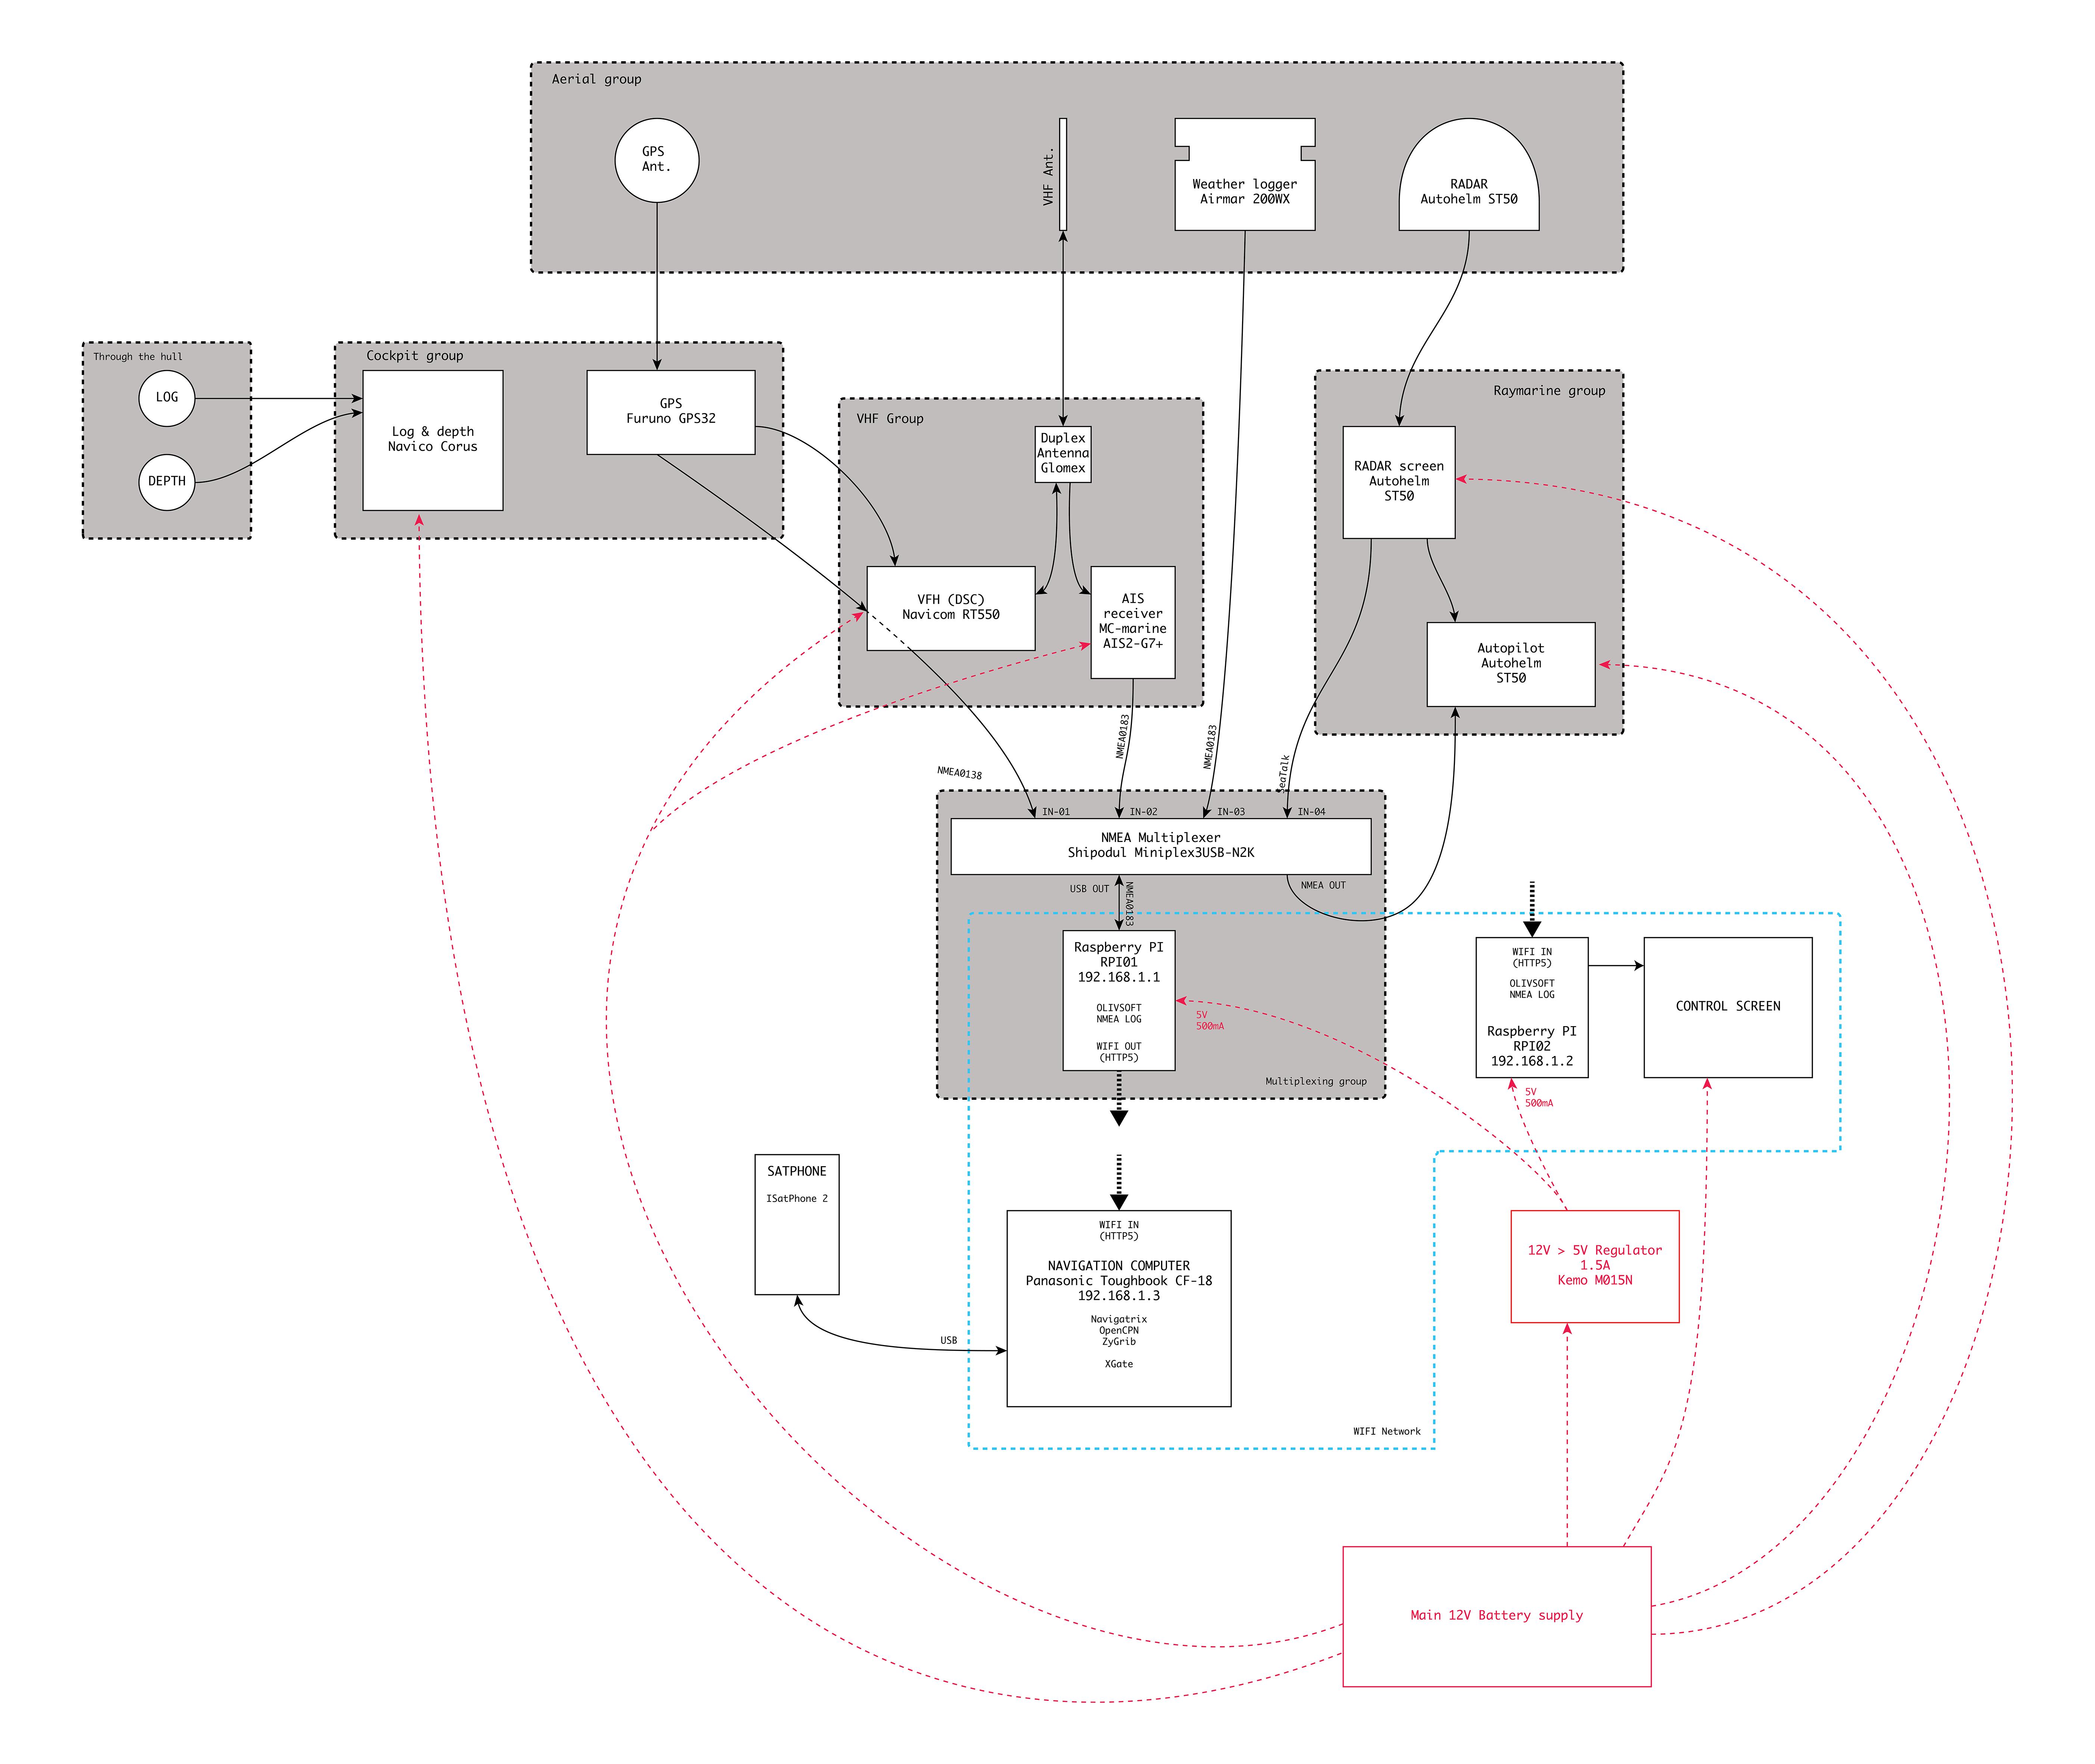 Navigation_scheme